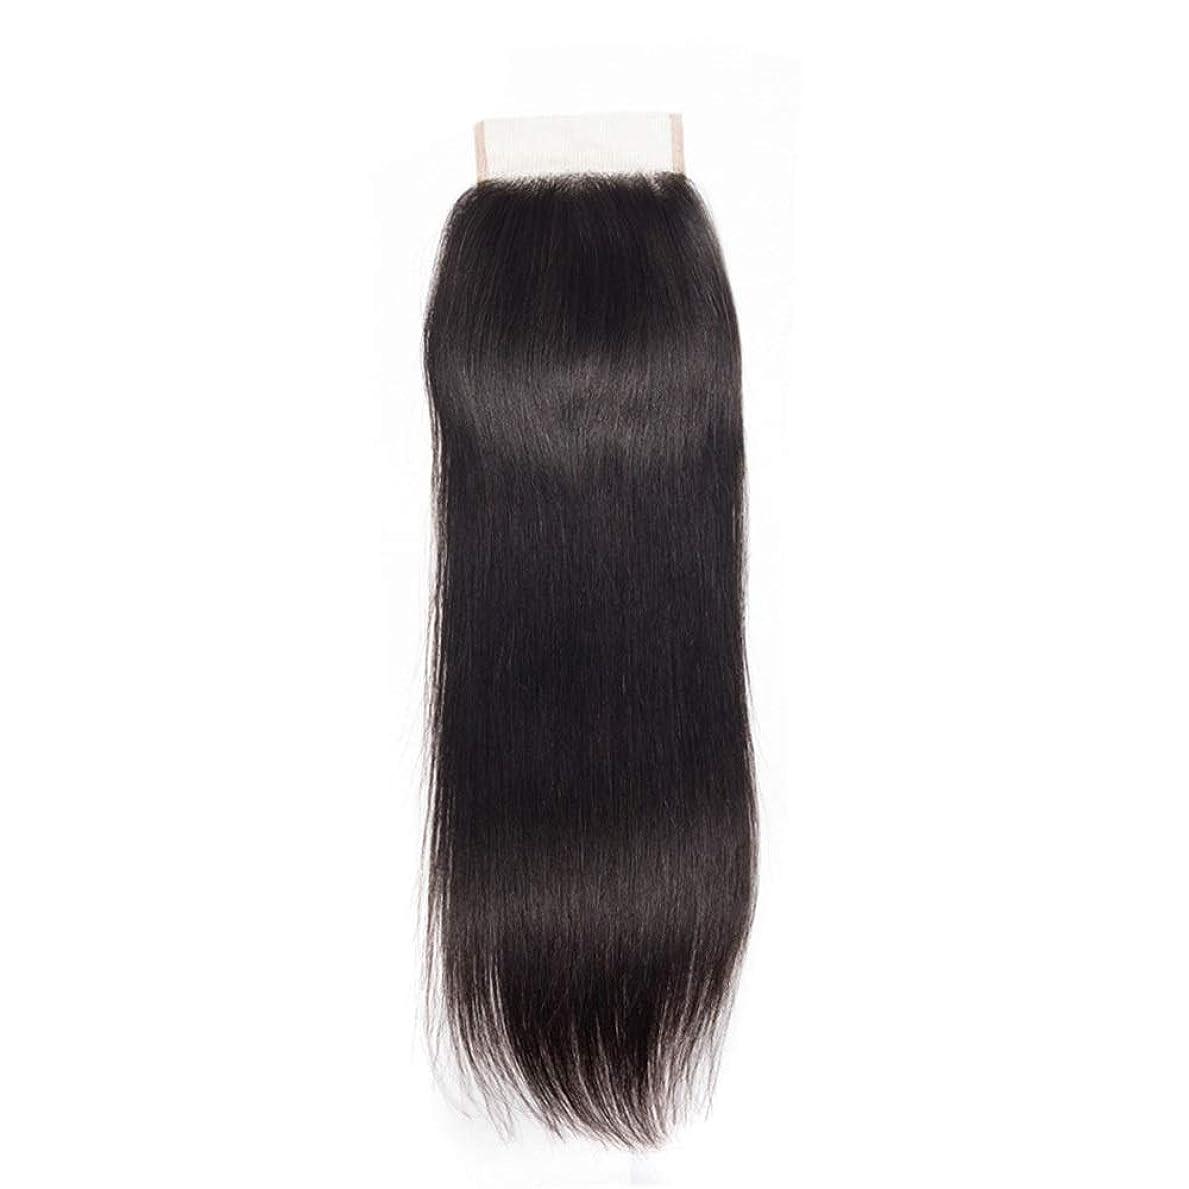 交じる後退する遠足HOHYLLYA 4×4フリーパートストレートレースの閉鎖ブラジルのバージンレミー人間の髪の毛の閉鎖ナチュラルカラーロールプレイングかつら女性の自然なかつら (色 : 黒, サイズ : 16 inch)